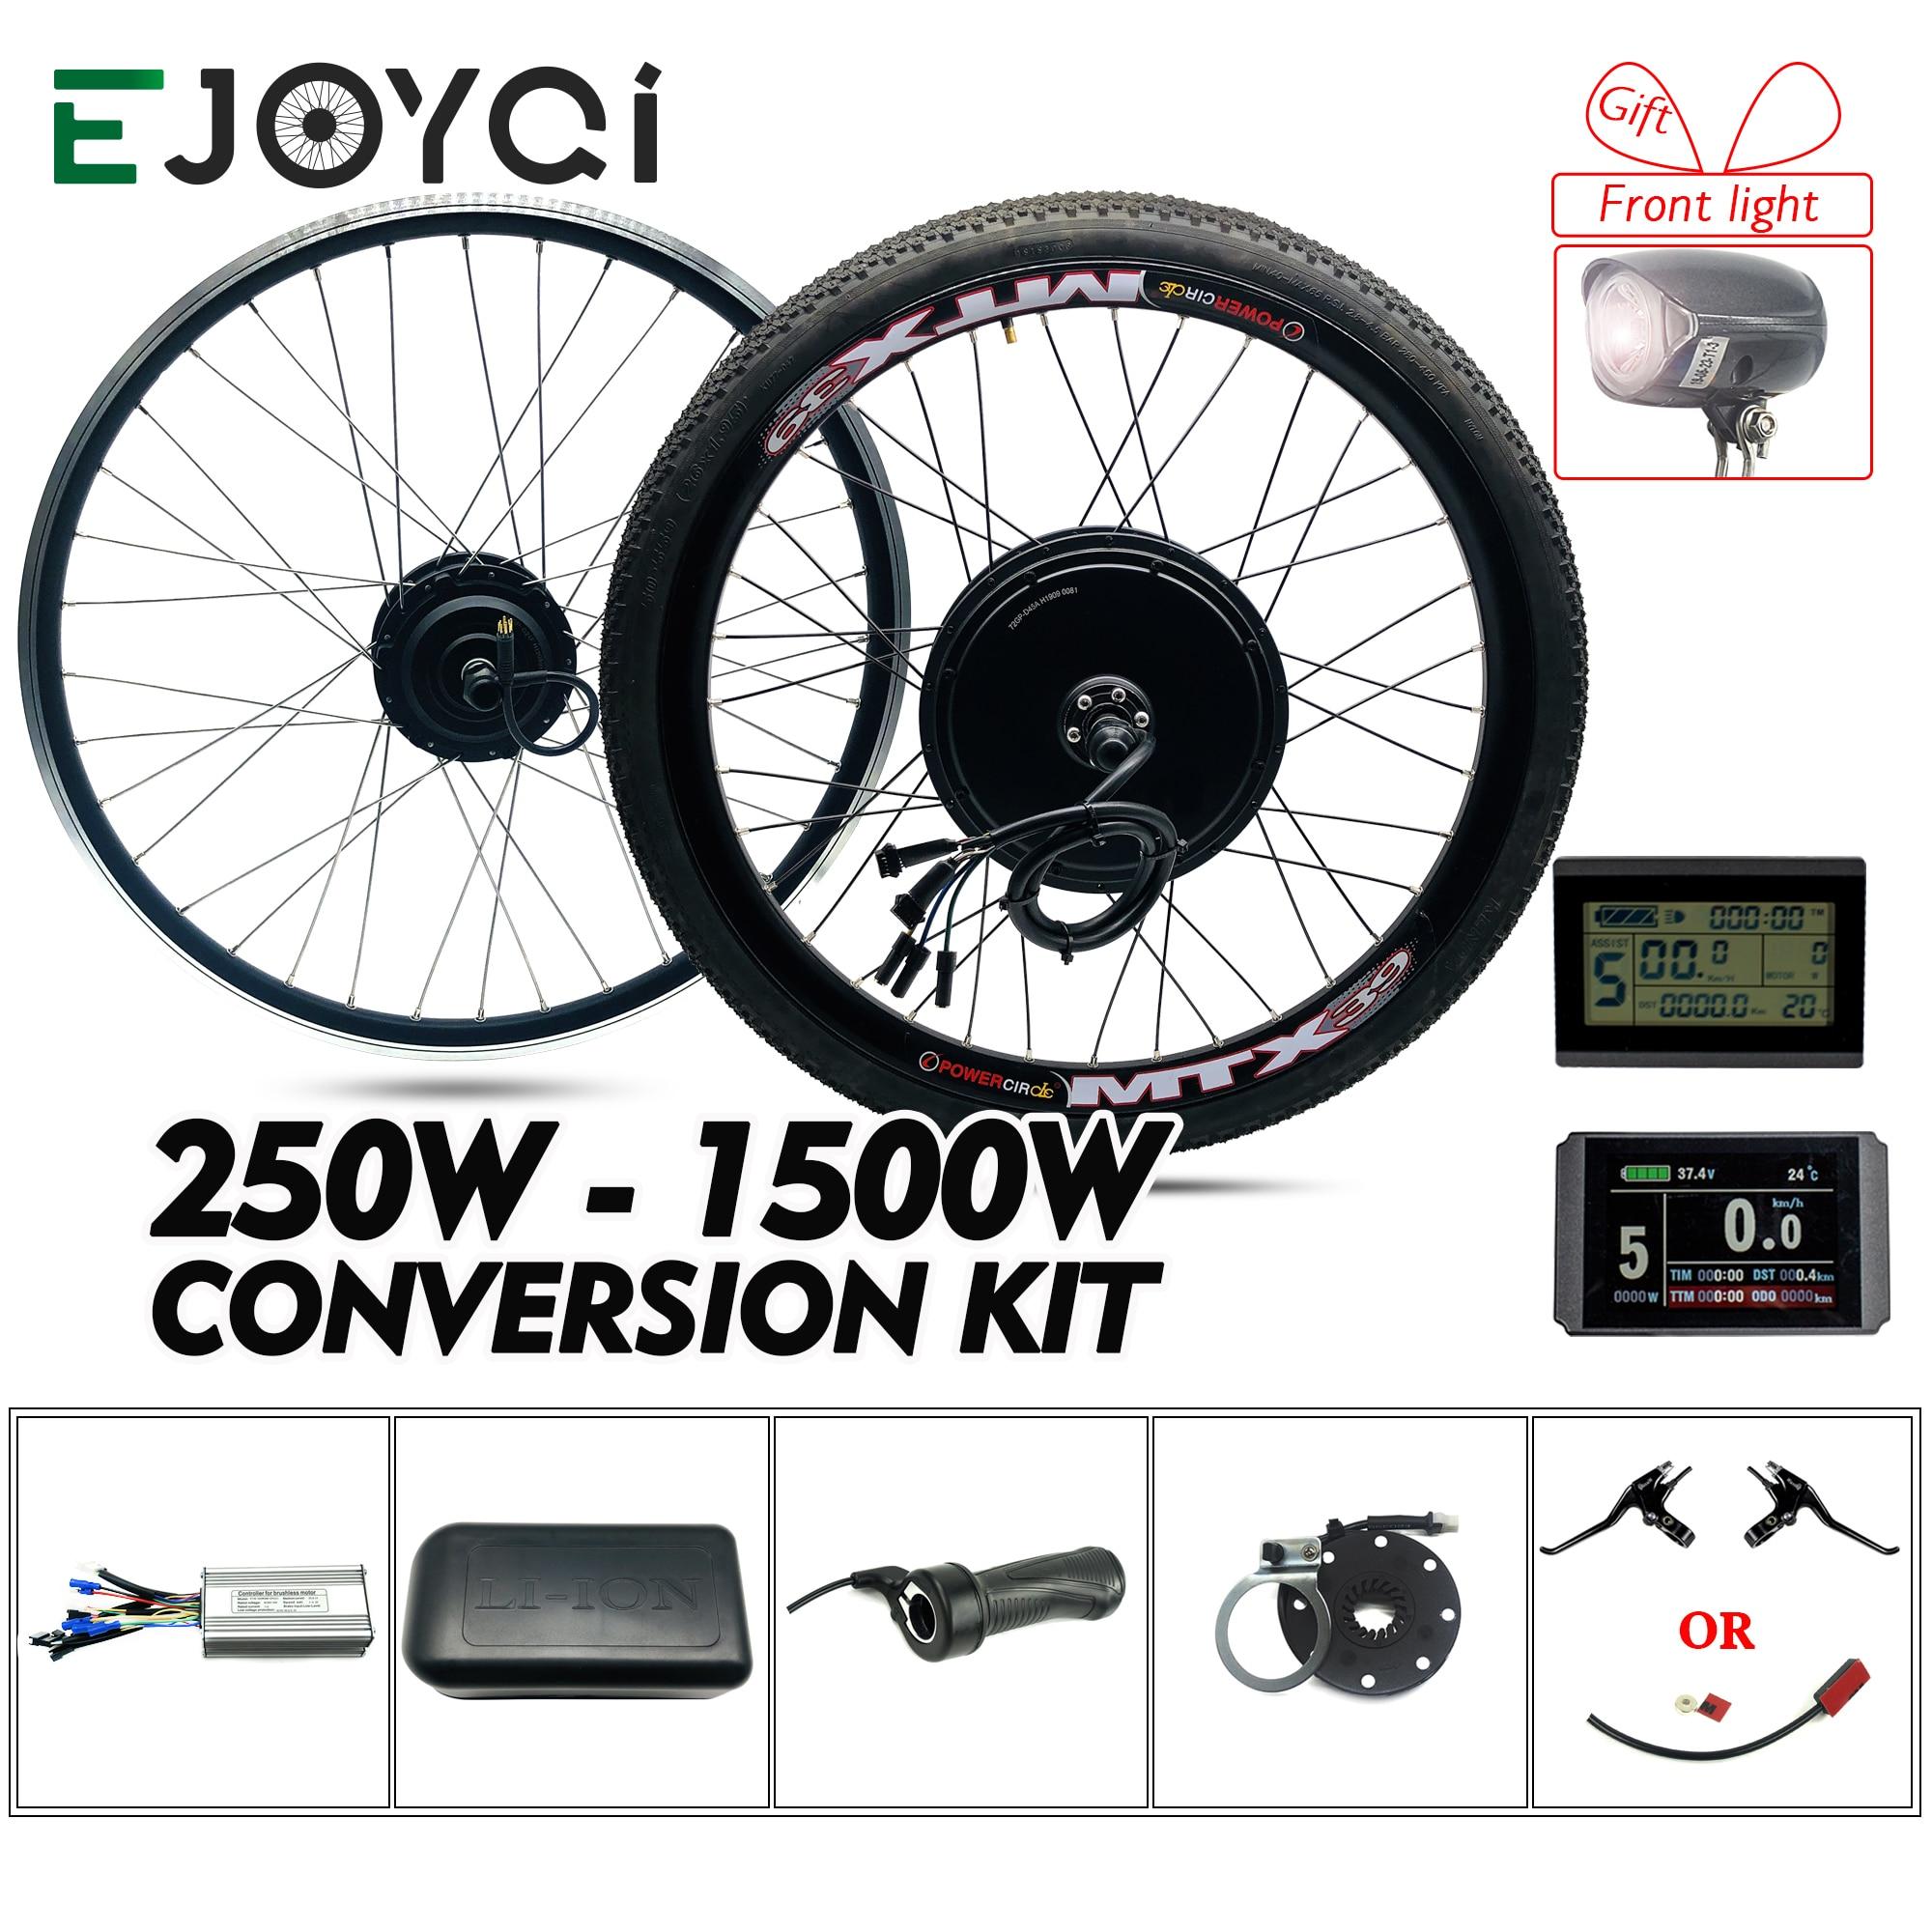 Zestaw eBike 48V 1500W 1000W przód KT LCD3 LCD8H świetlny wyświetlacz Hub koło silnikowe e-bike zestaw do konwersji roweru elektrycznego